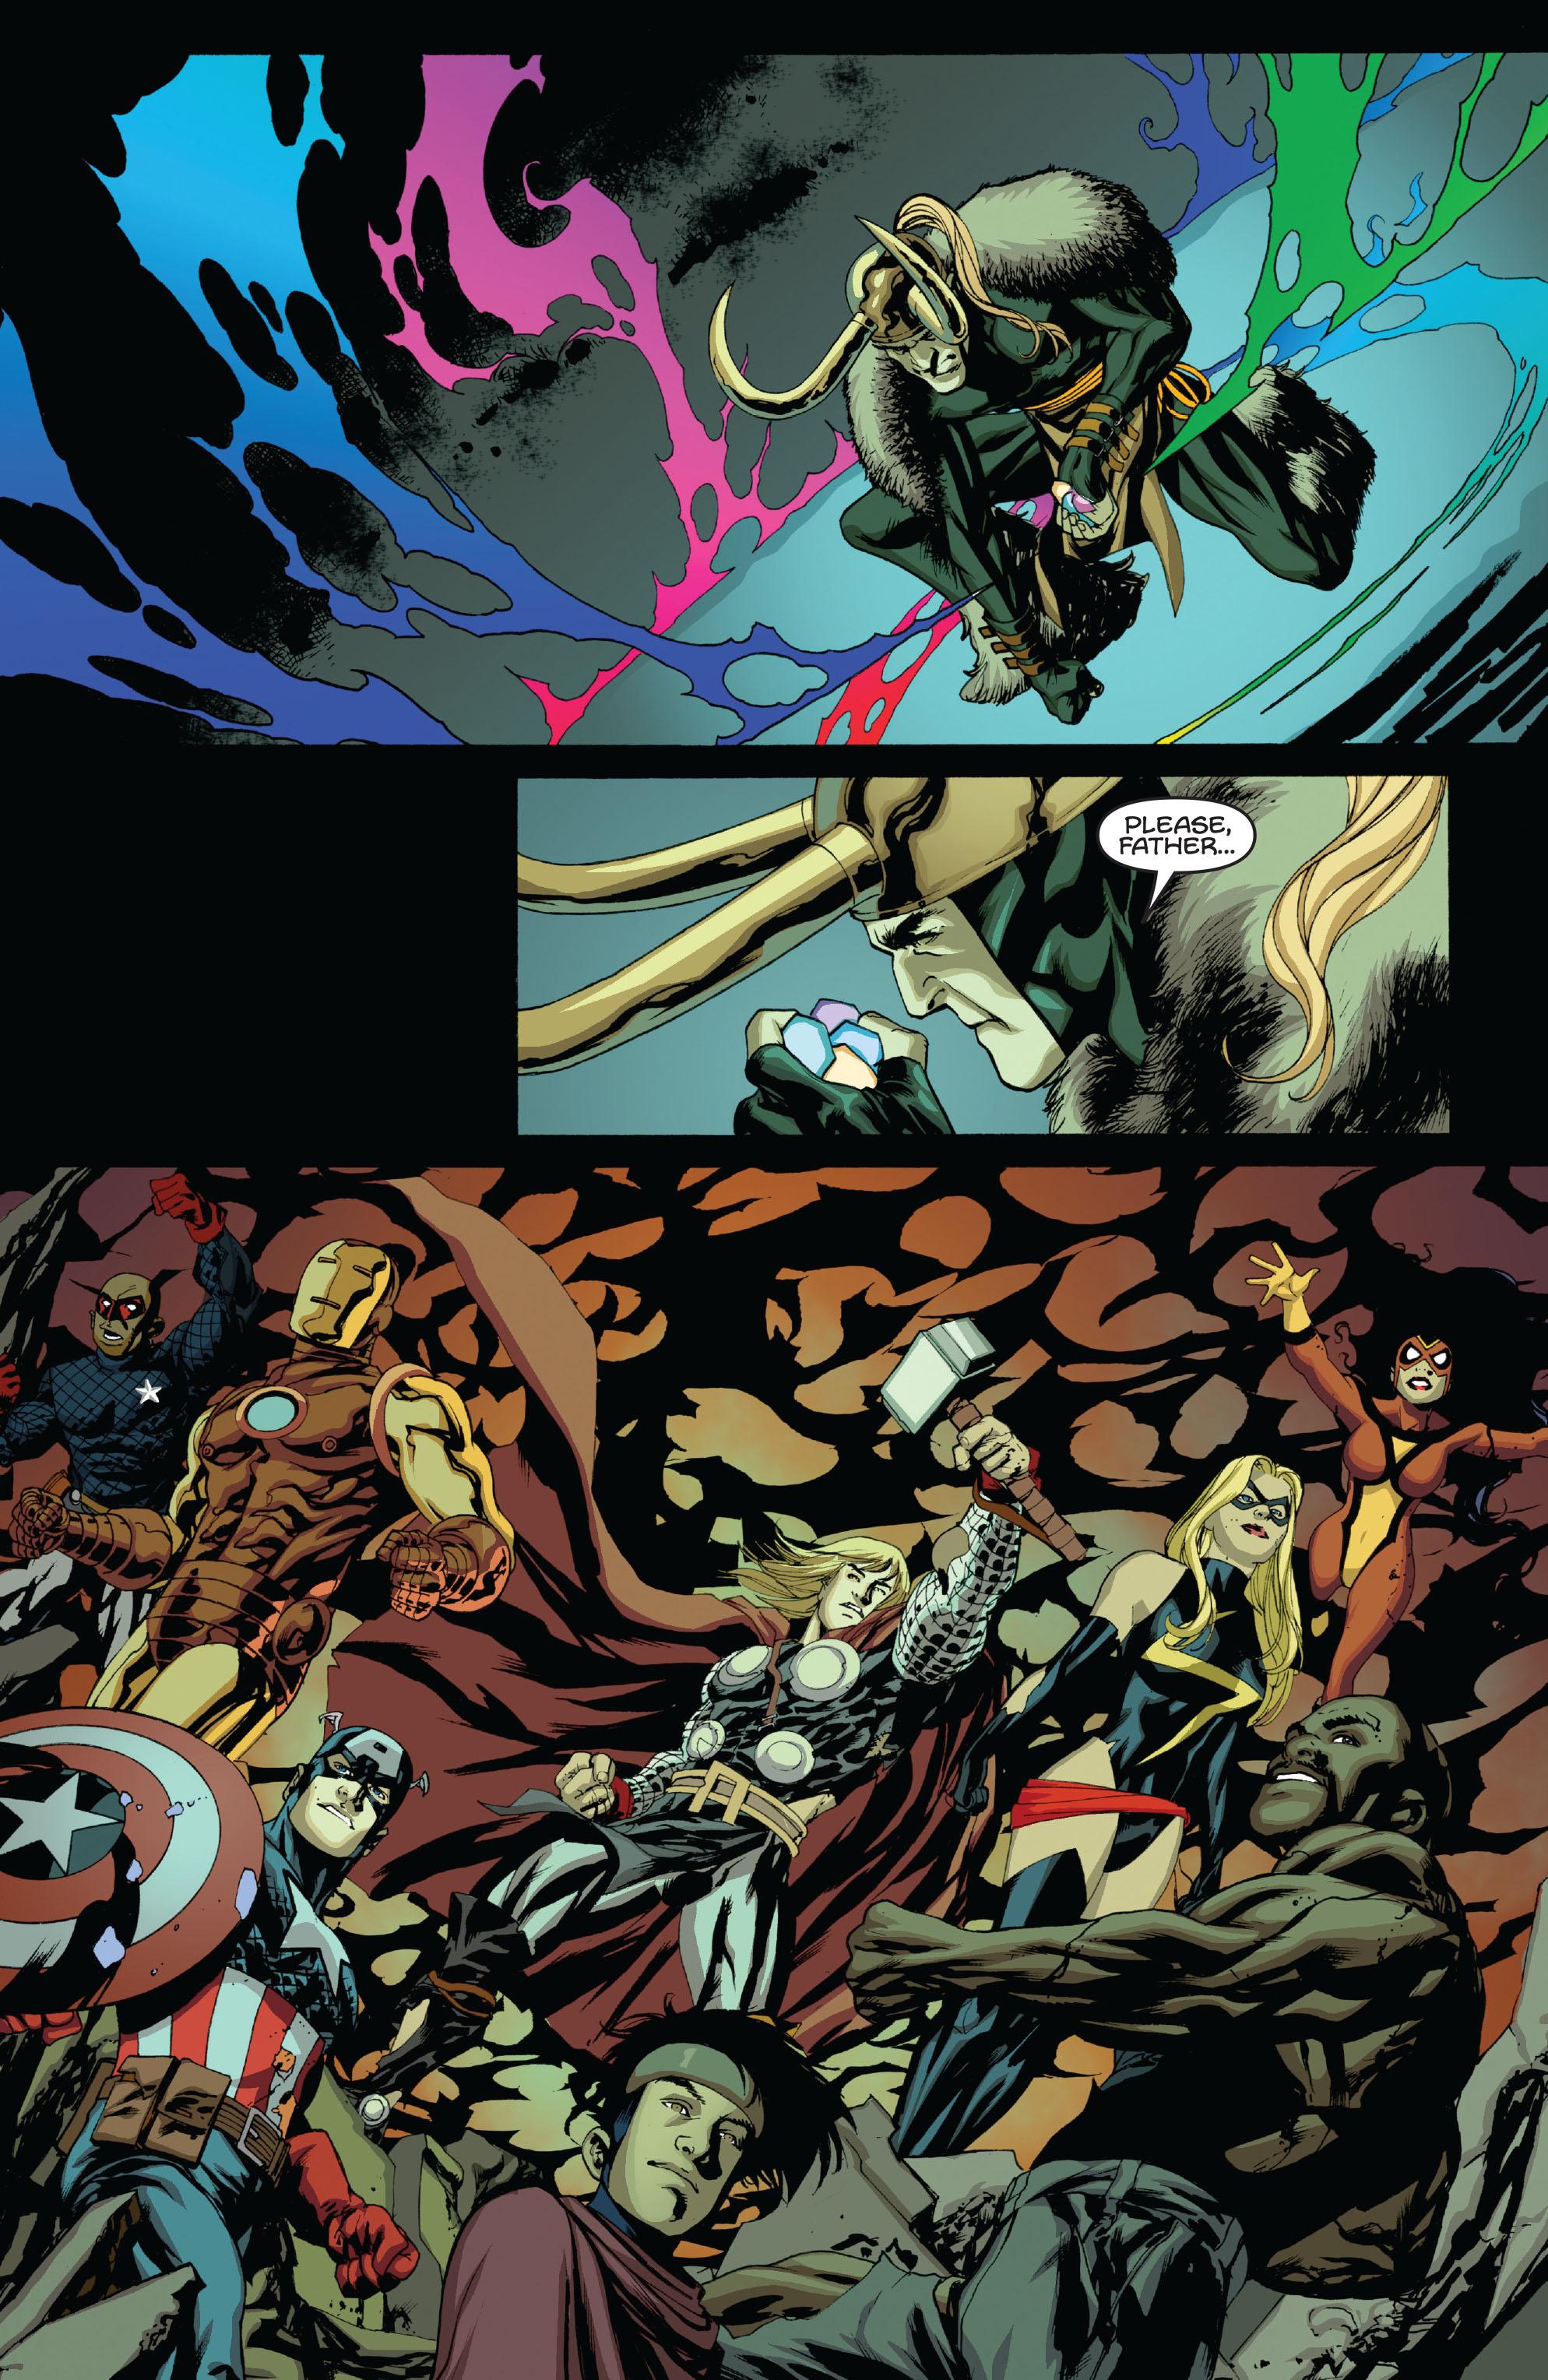 New Avengers (2005) chap 64 pic 16